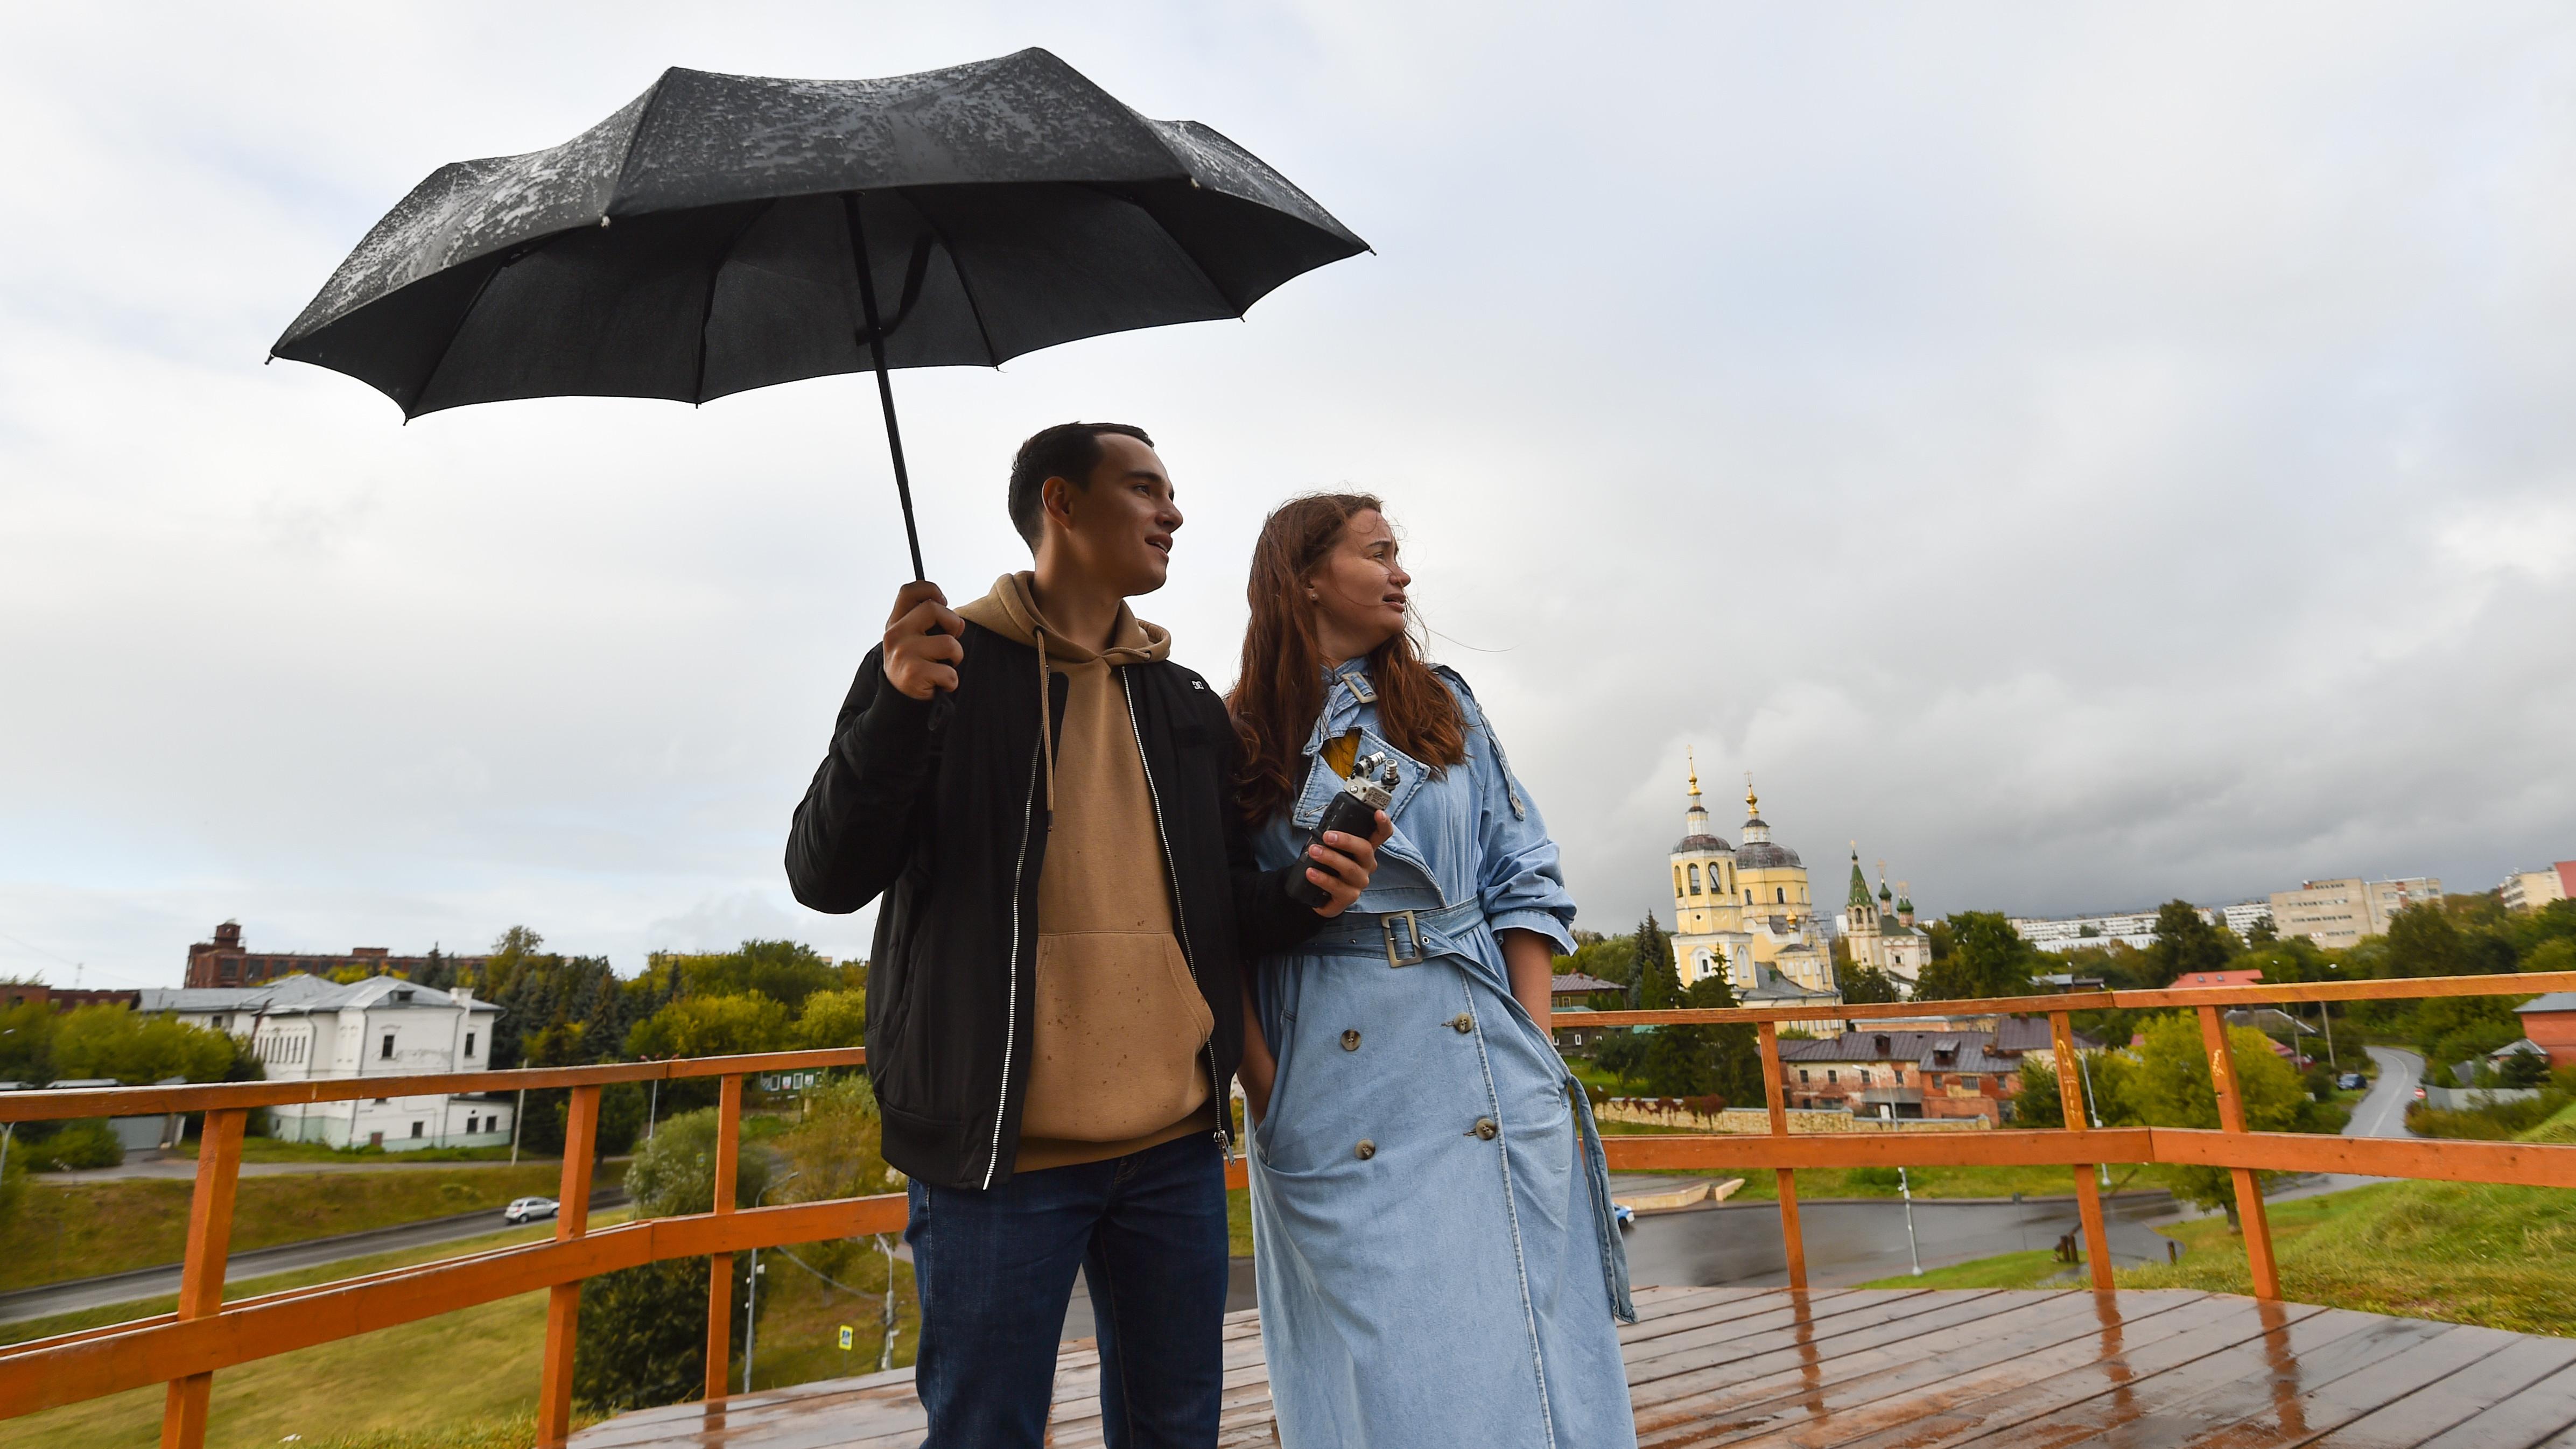 Монастырские подземелья и 200-летнее вино: подкаст «Путь-дорога» рассказывает о Серпухове